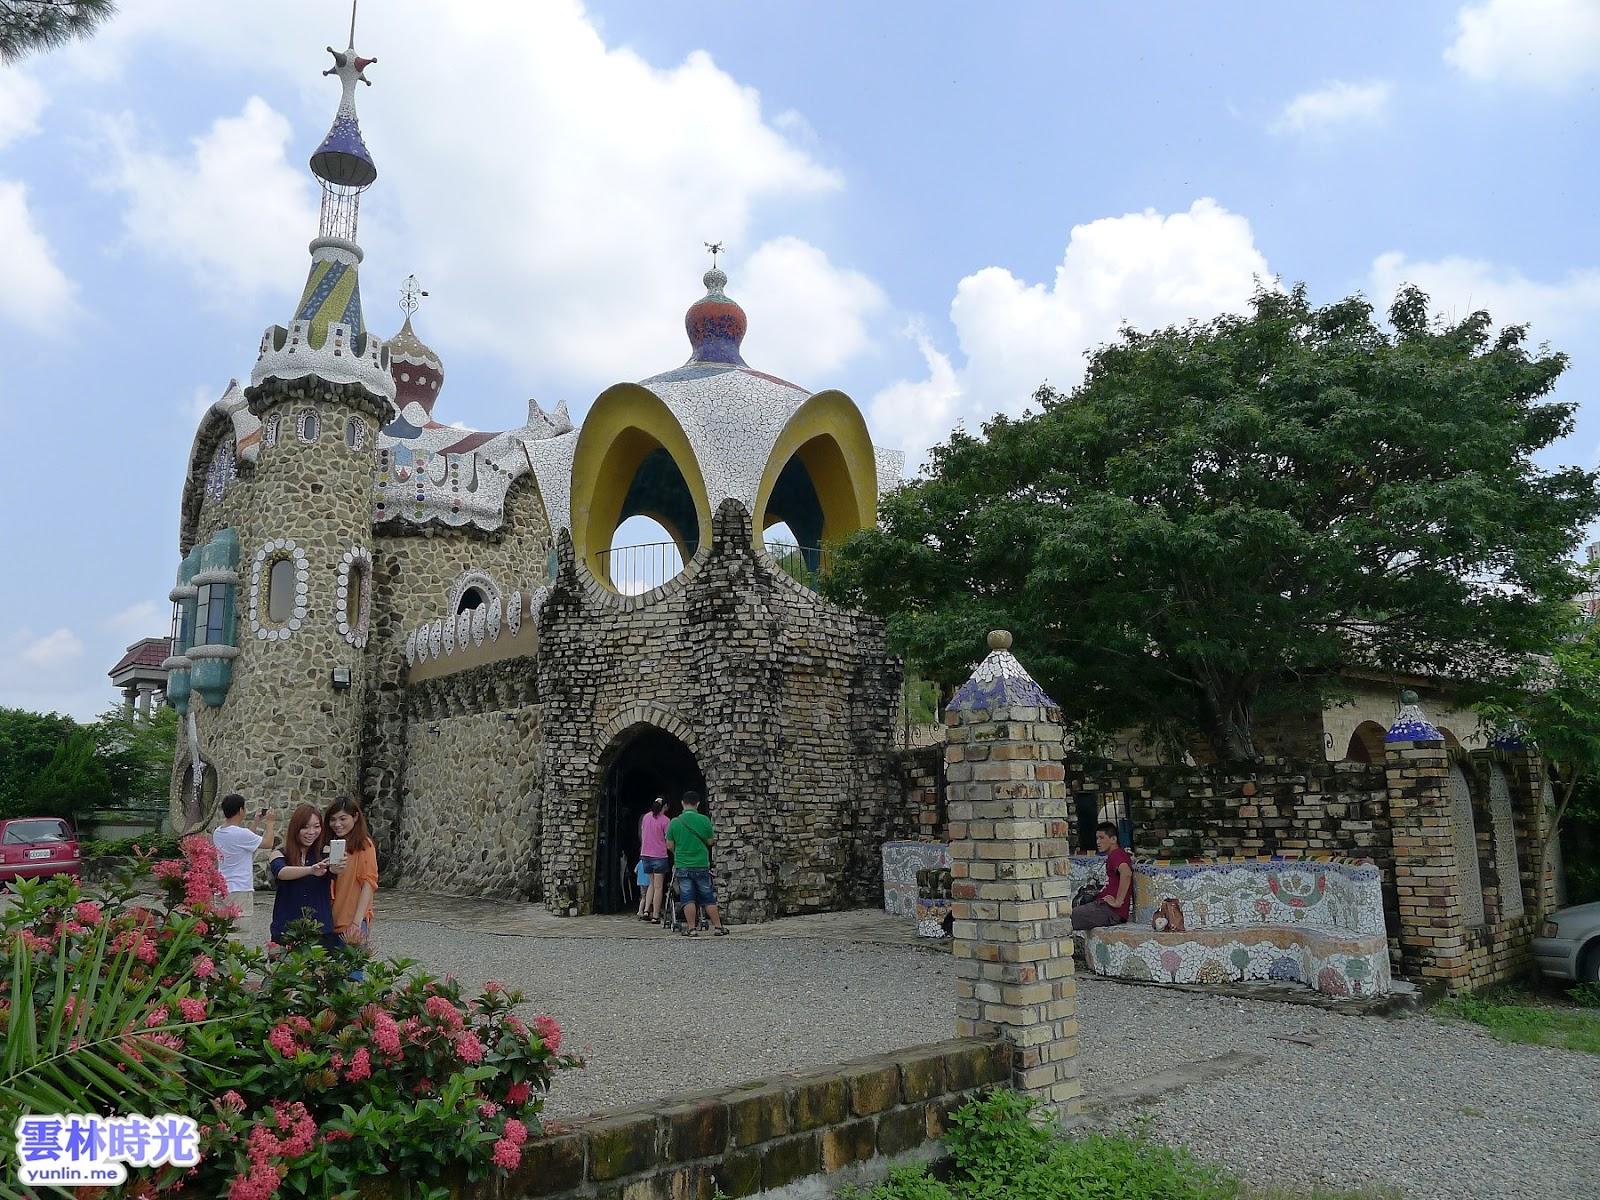 雲林斗六《摩爾花園餐廳》具有西班牙風情建築的異國風情餐廳!